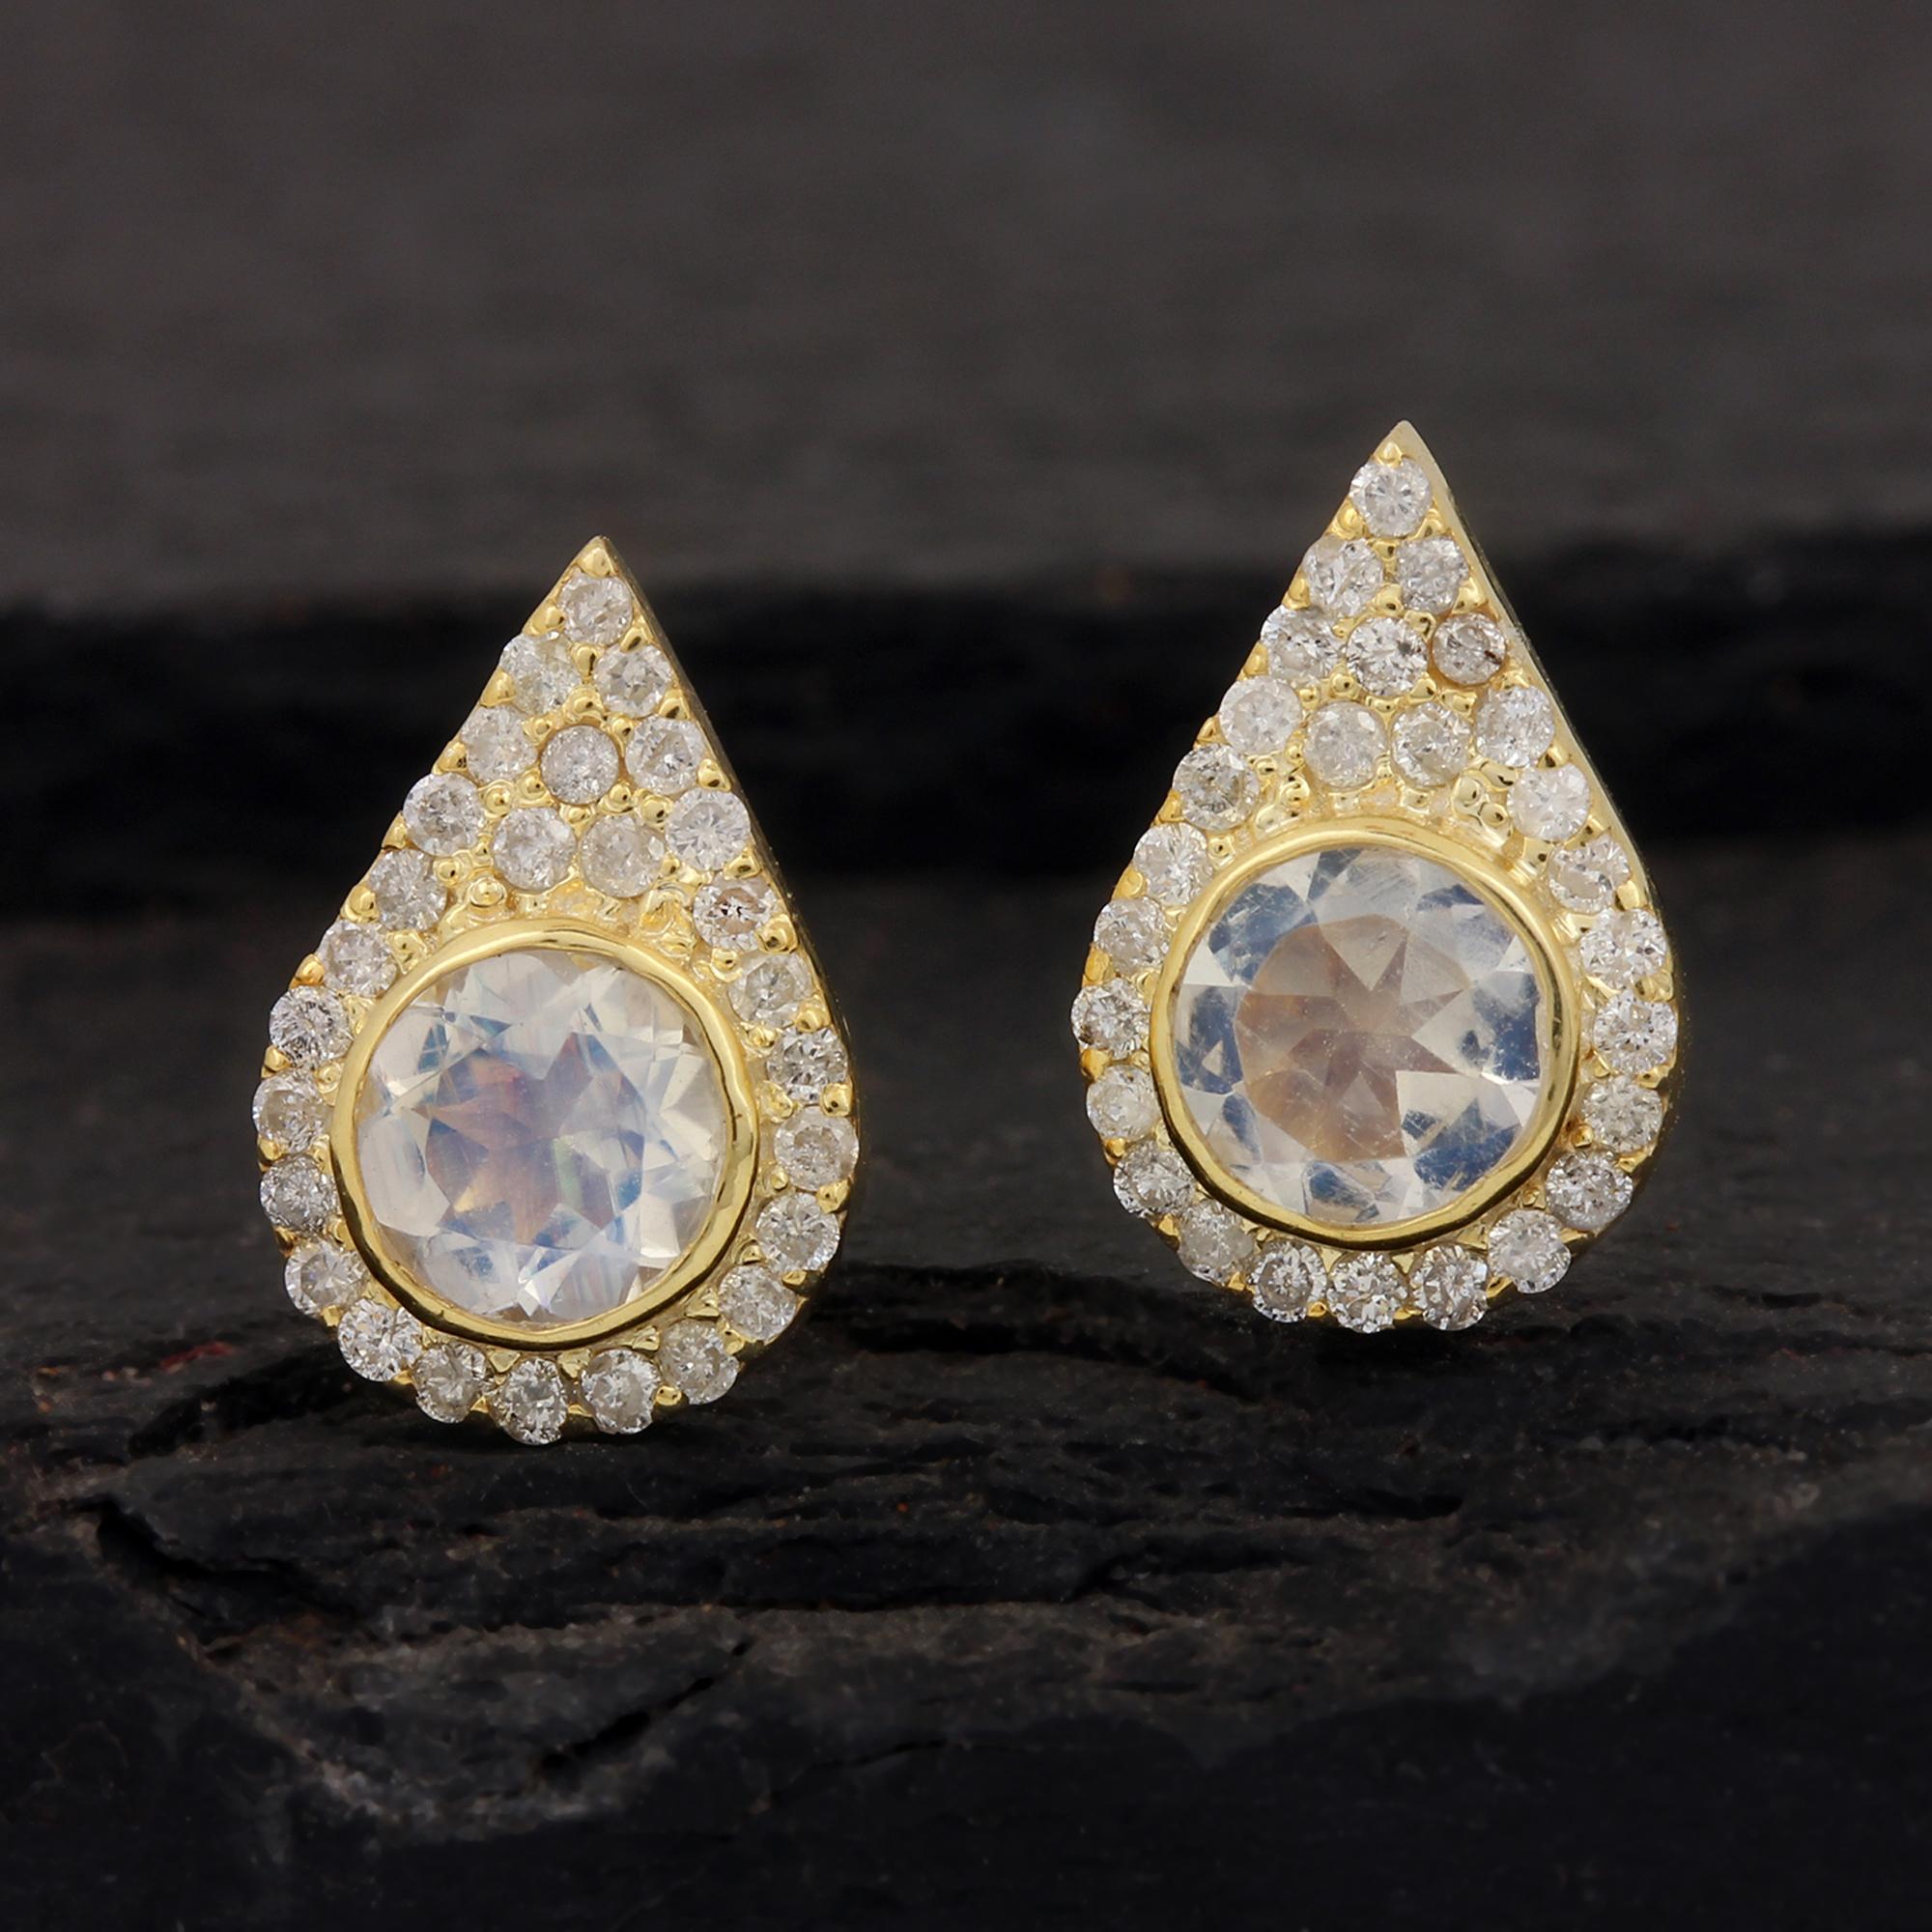 Natural Diamond Rainbow Moonstone Solid 14k Gold Stud Earrings